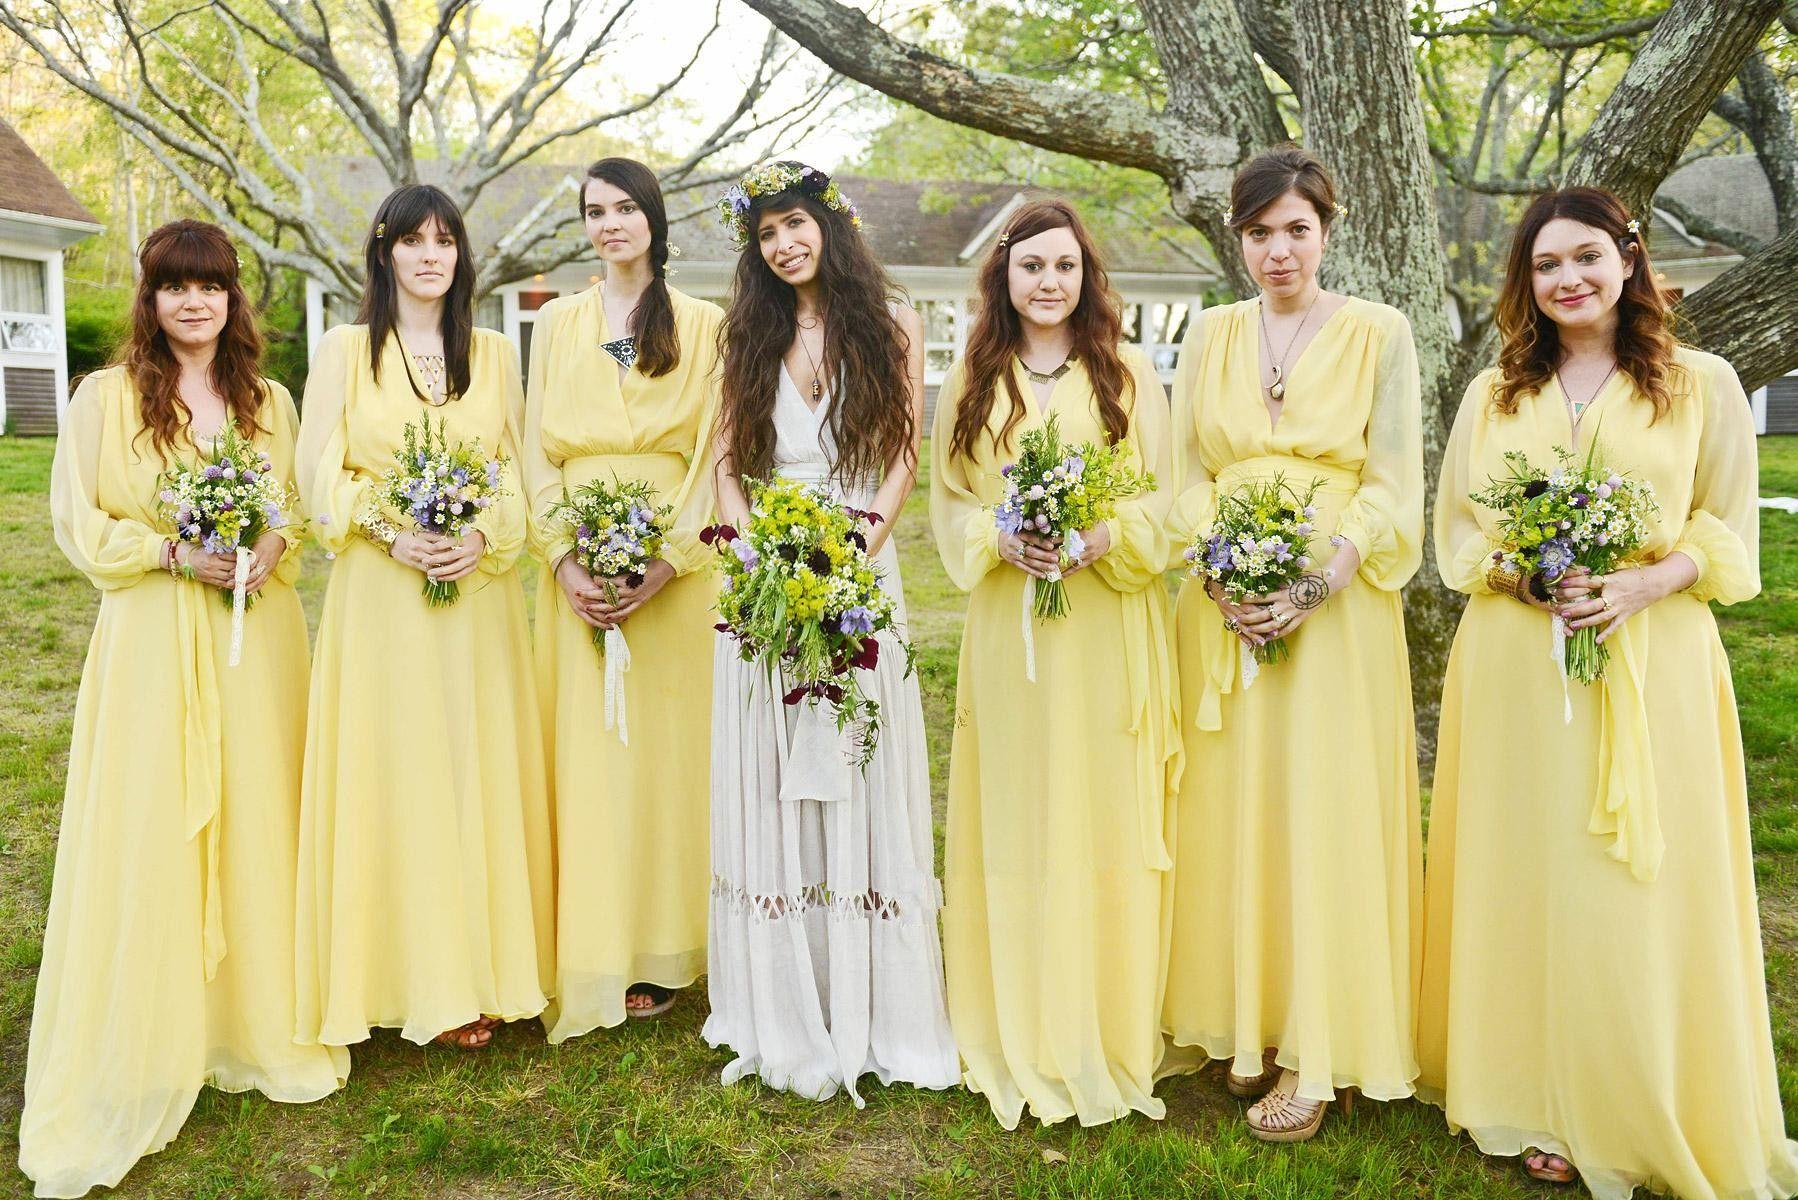 Großhandel Gelb V Ausschnitt Lange Brautjungfer Kleider Langarm Trauzeugin  Kleid Vestido Madrinha Falten Lange Abendkleider Kleider Brautjungfer Kleid